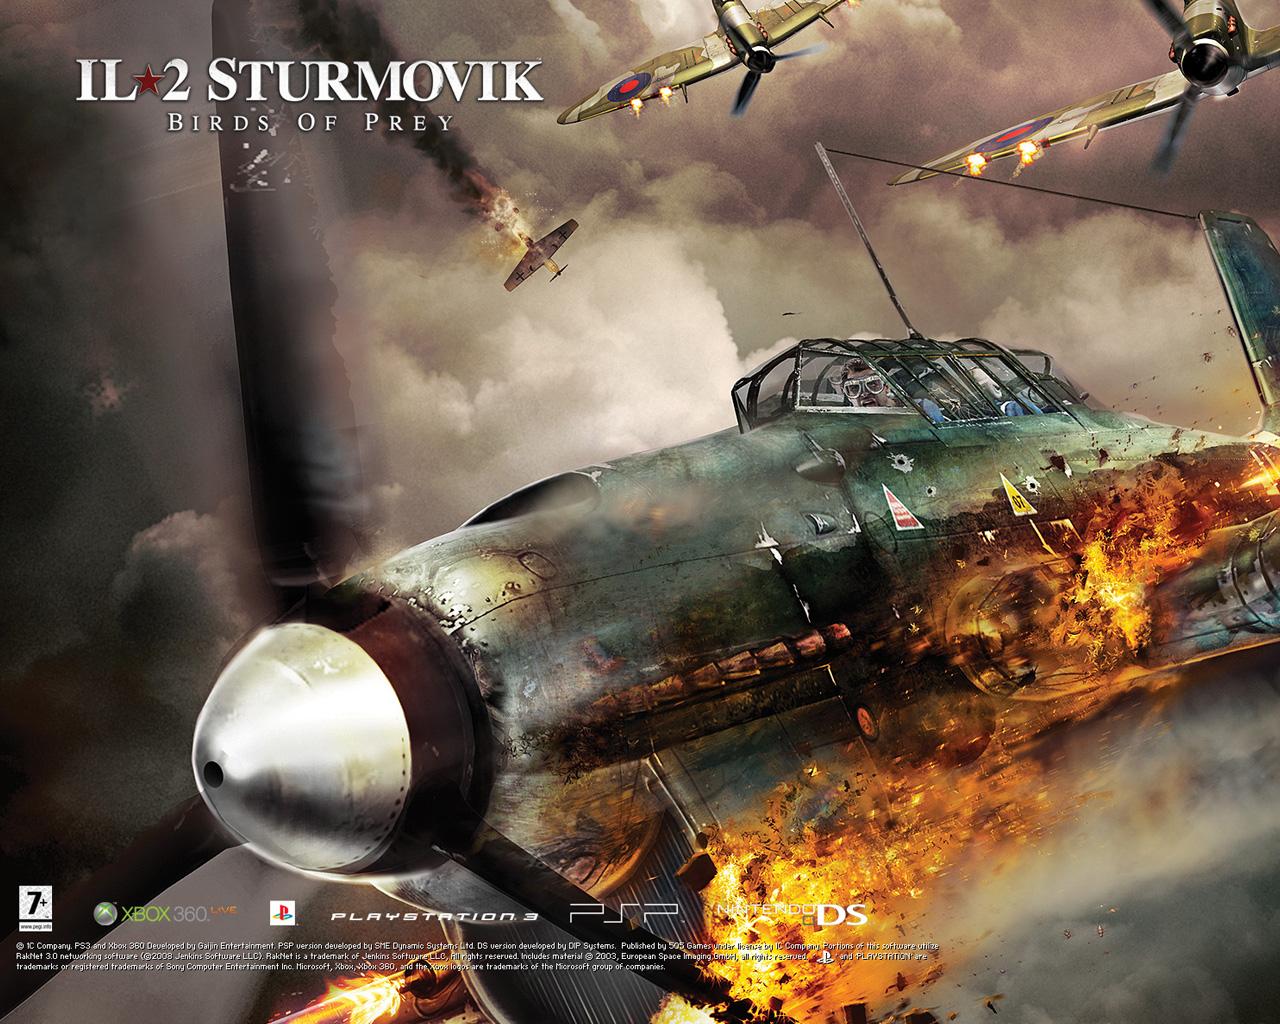 Free IL-2 Sturmovik: Birds of Prey Wallpaper in 1280x1024